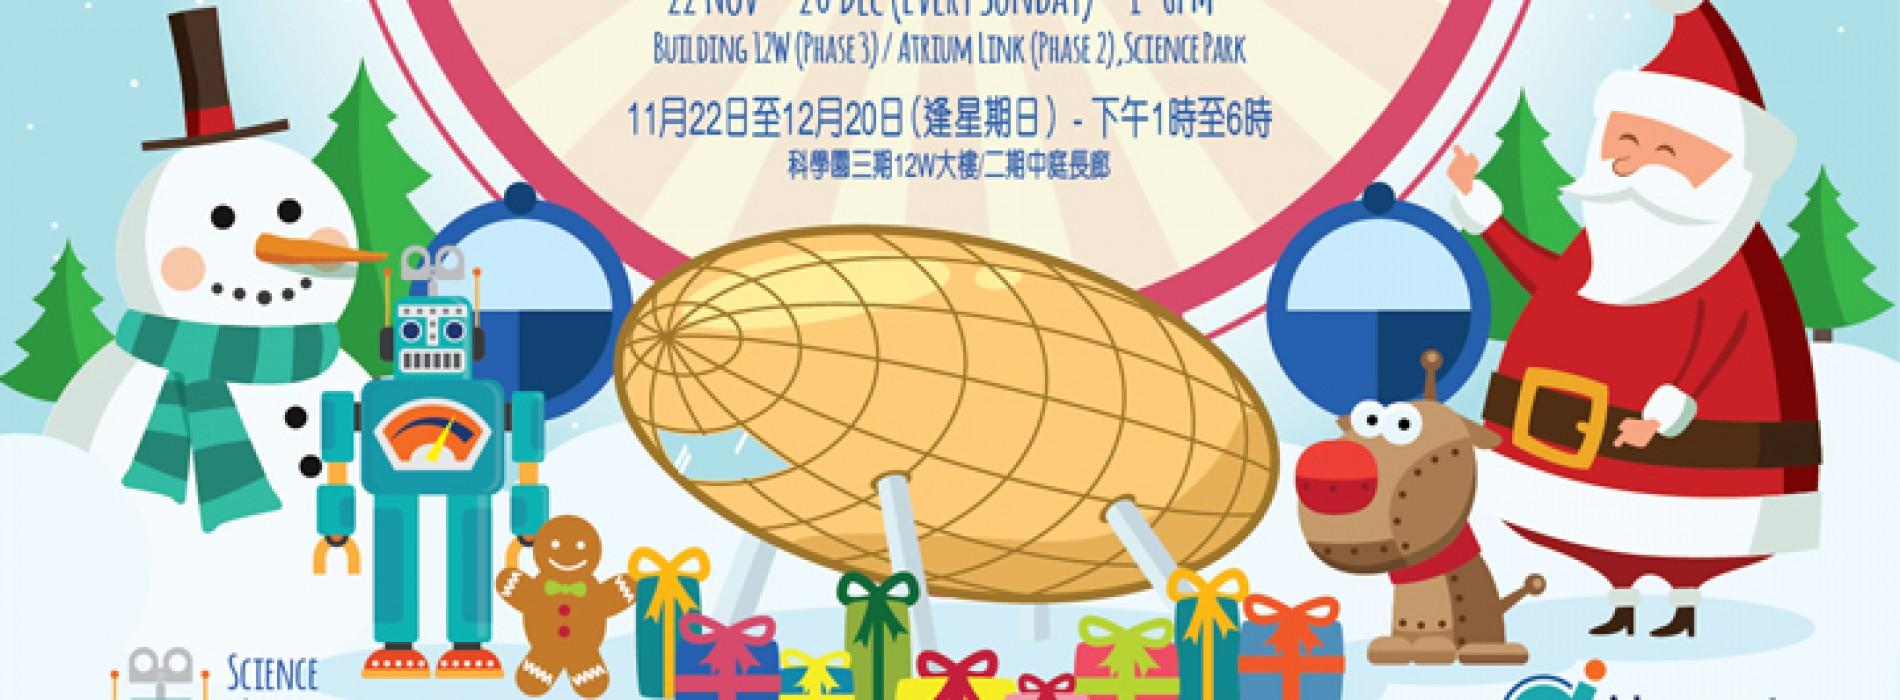 好玩活動:聖誕科學遊樂園@科學園 [22/11-20/12]